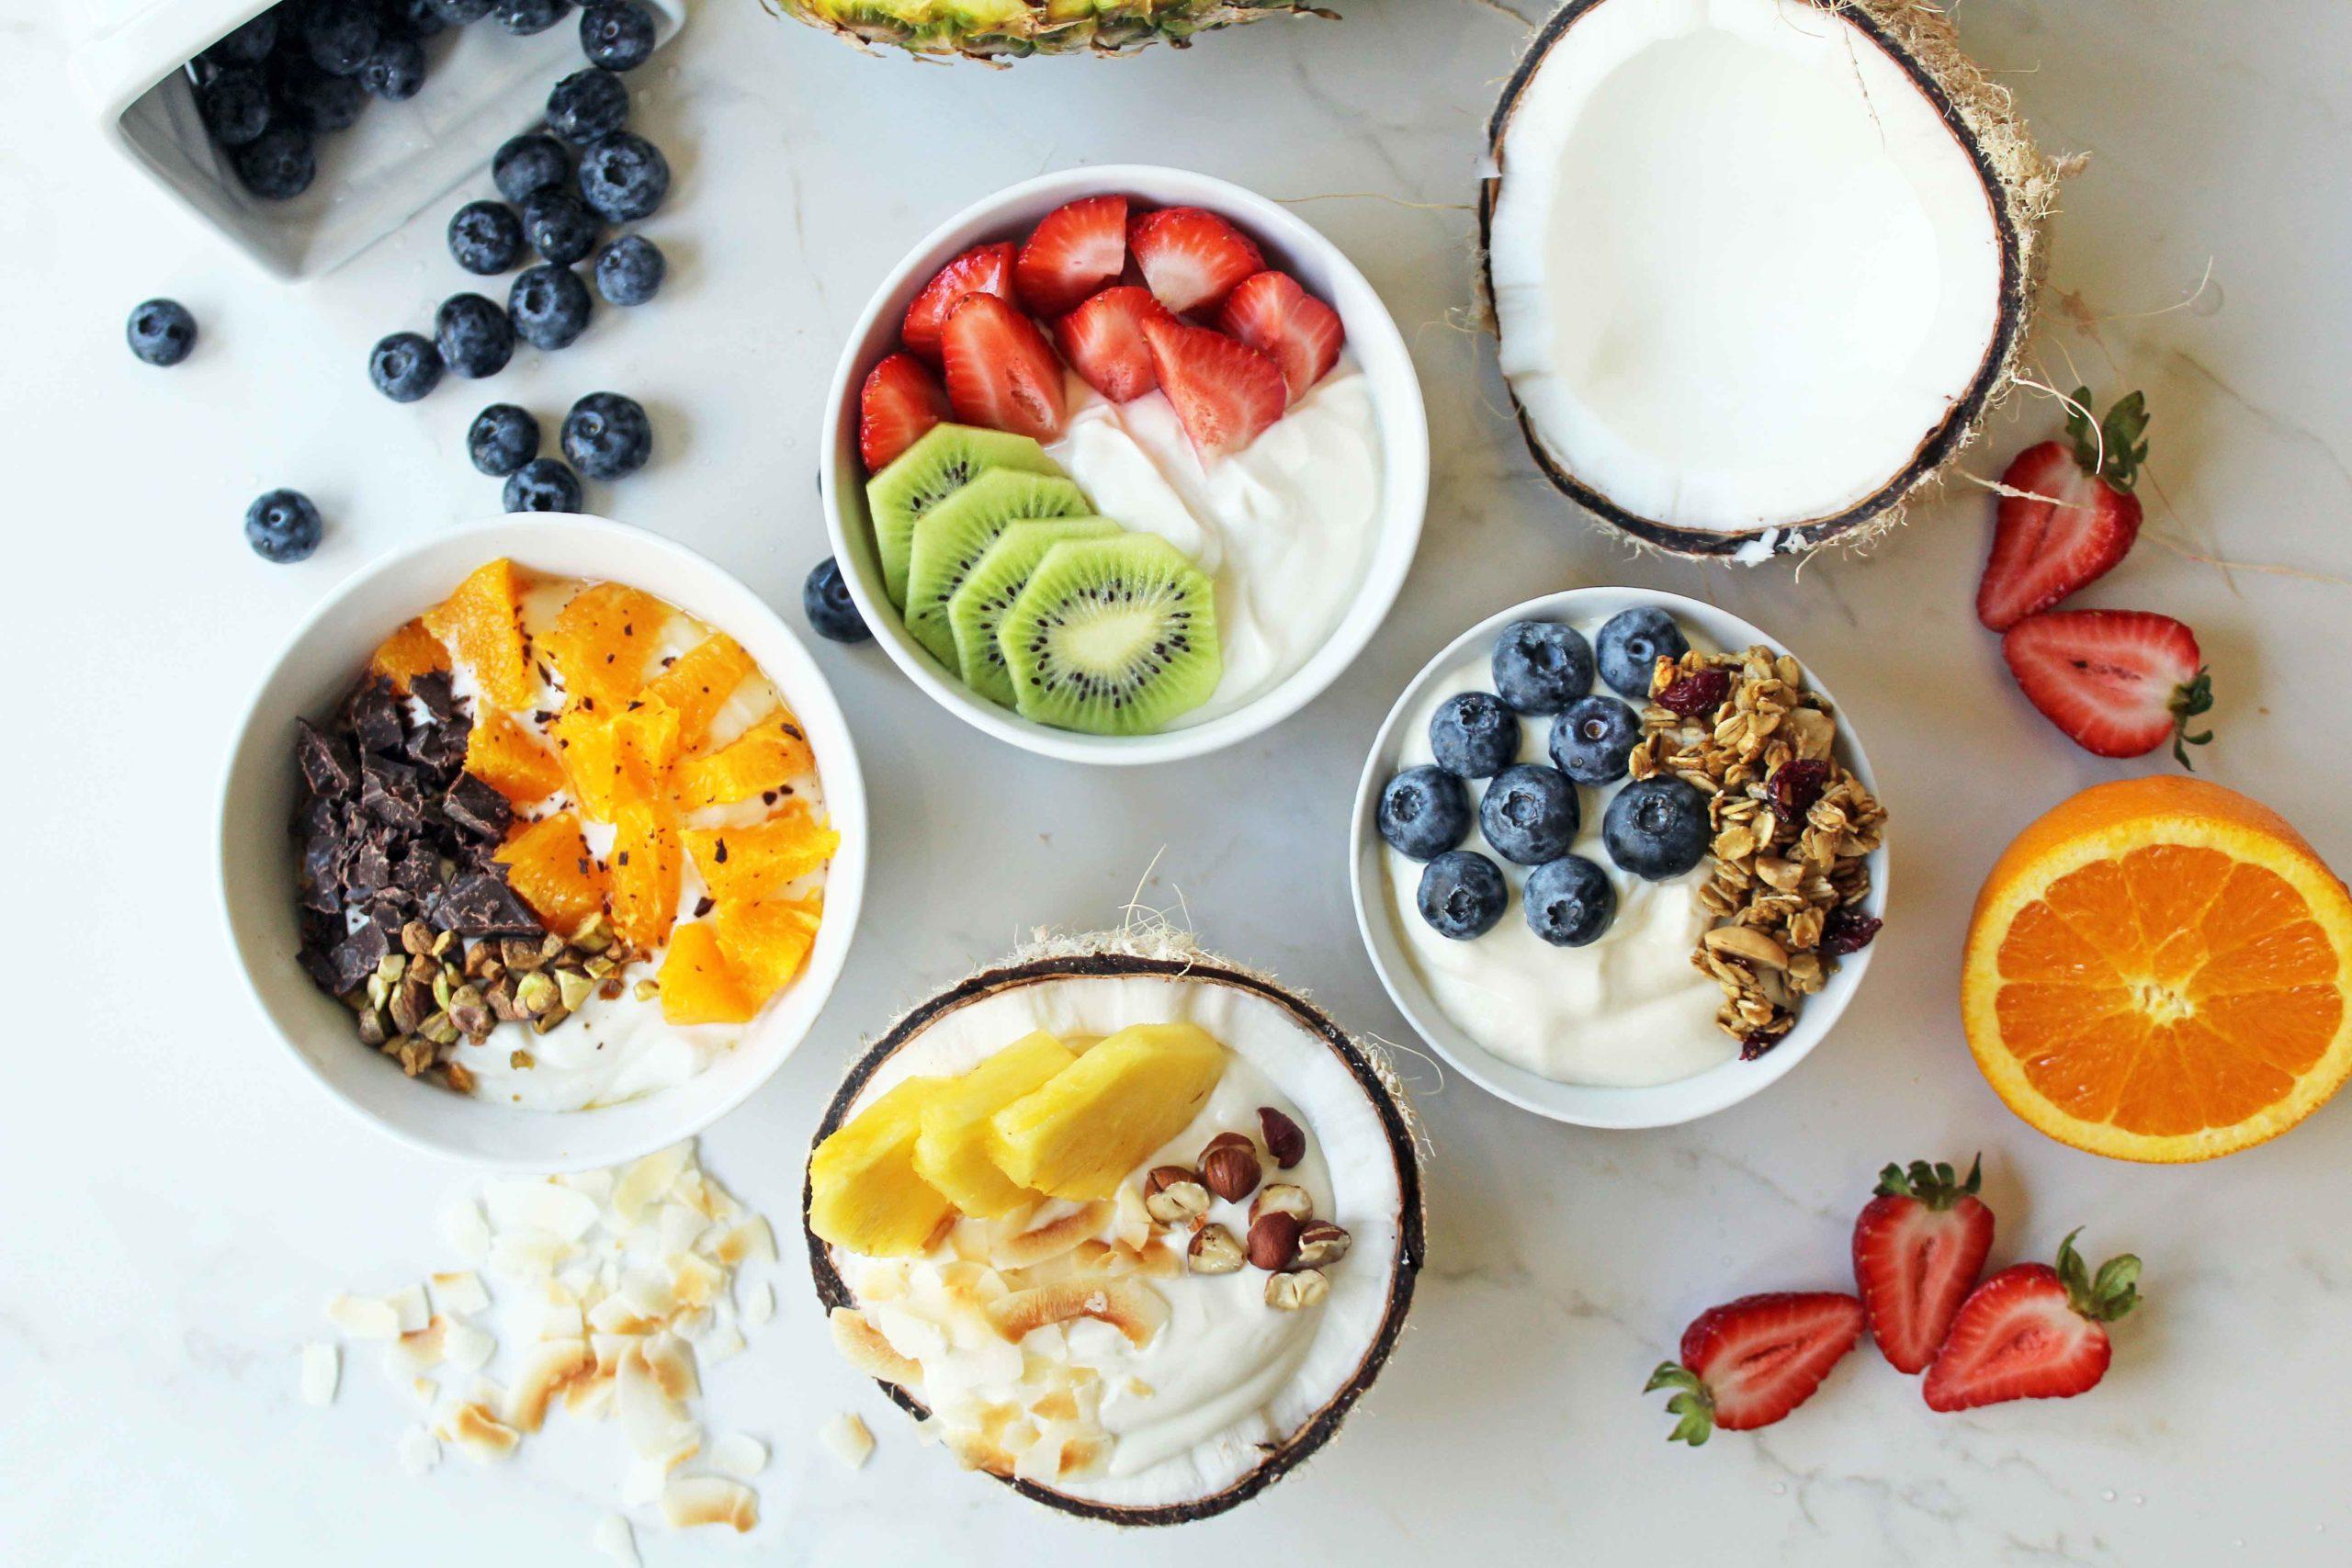 An arrangement of yogurt bowls